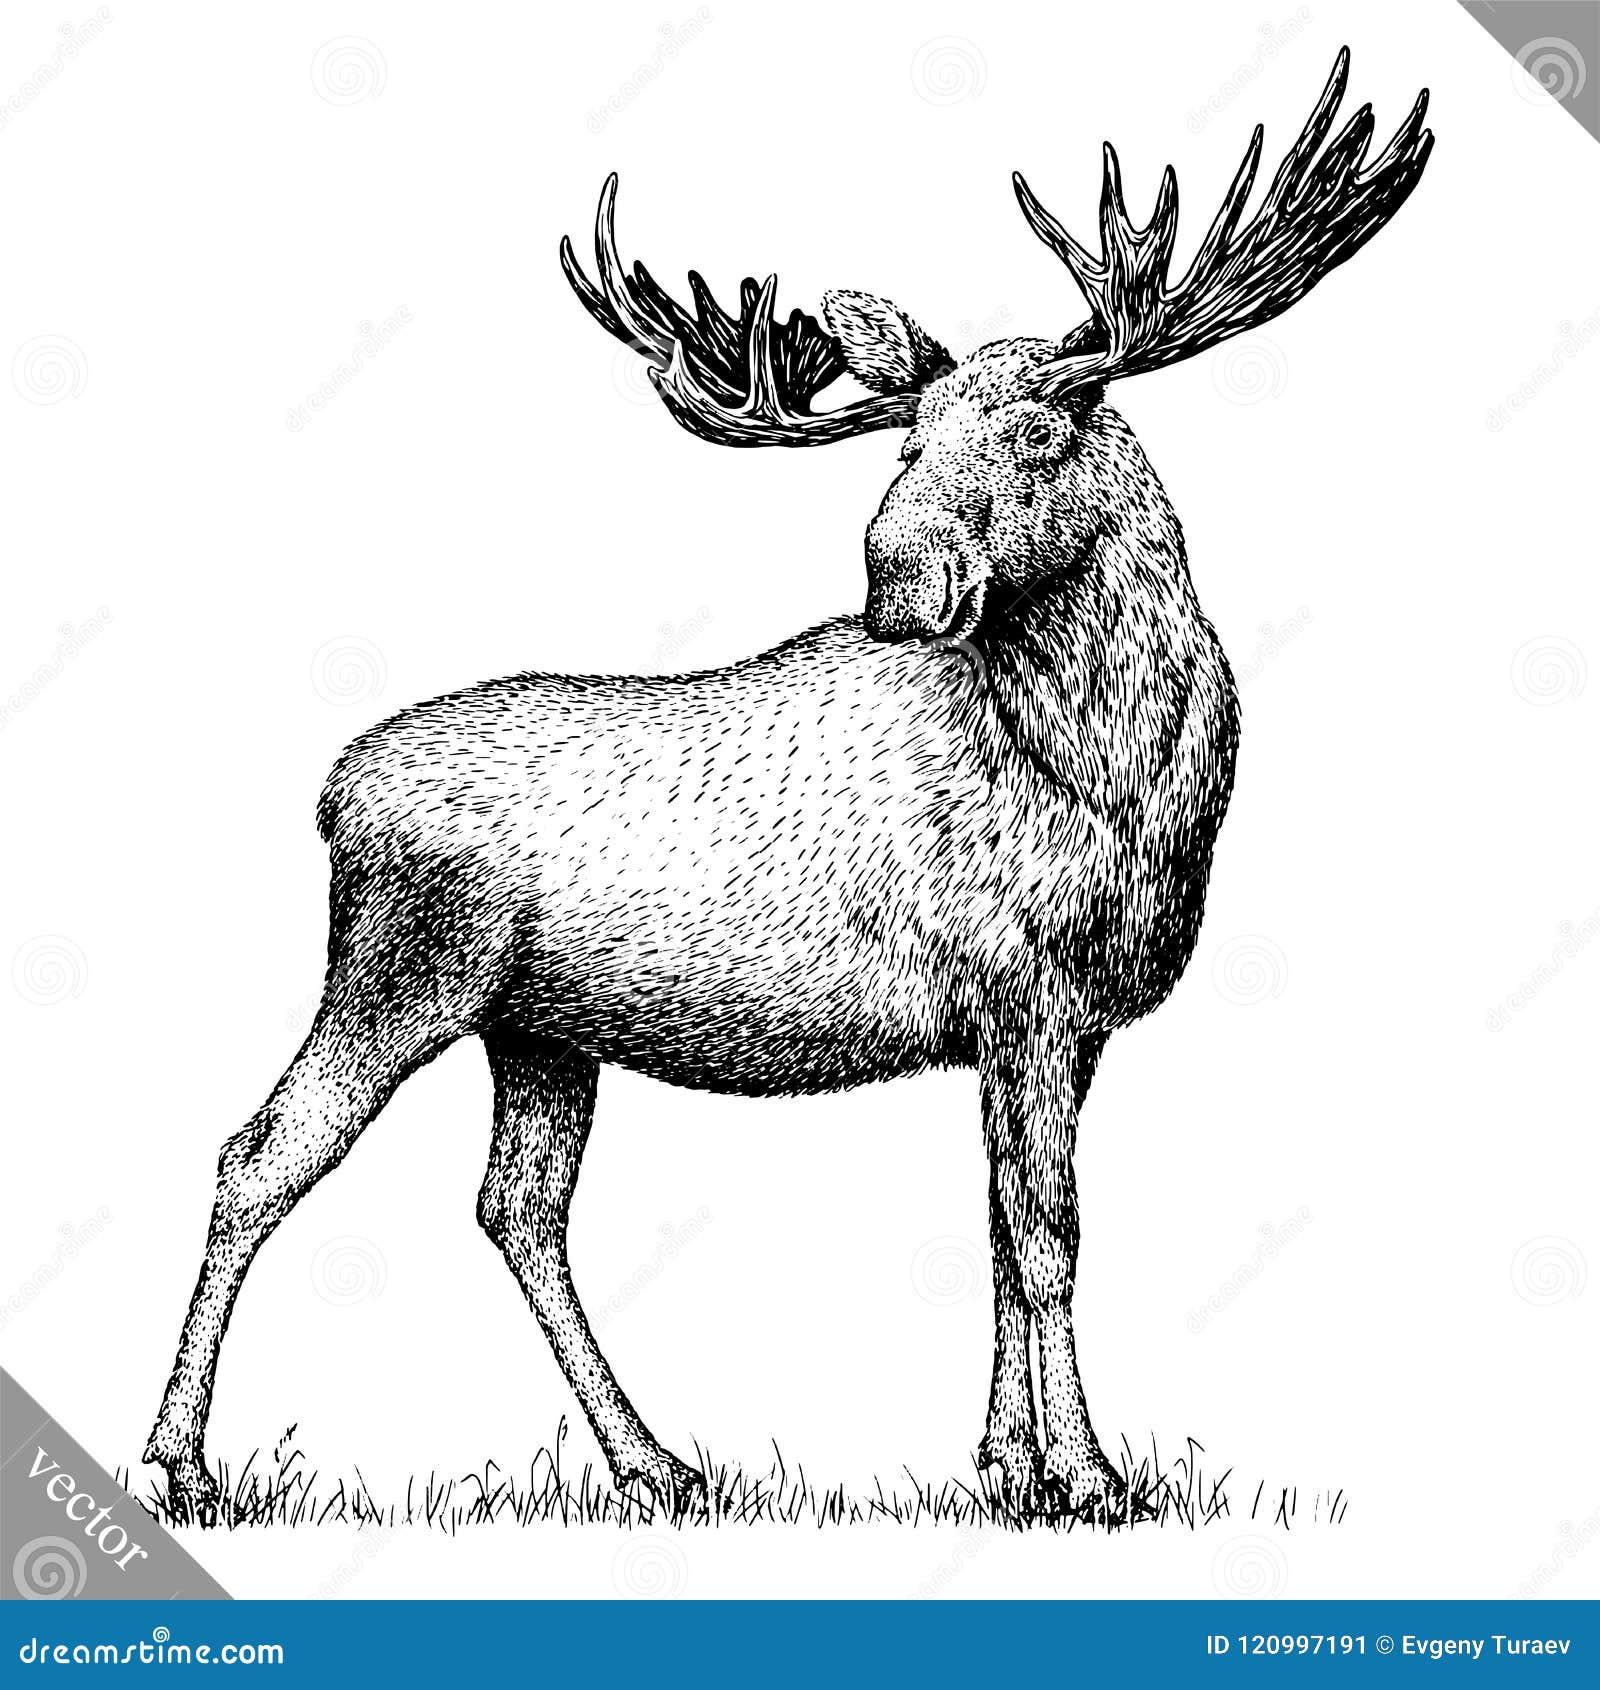 Zwart-wit graveer geïsoleerde elandenhand trekken vectorillustratie